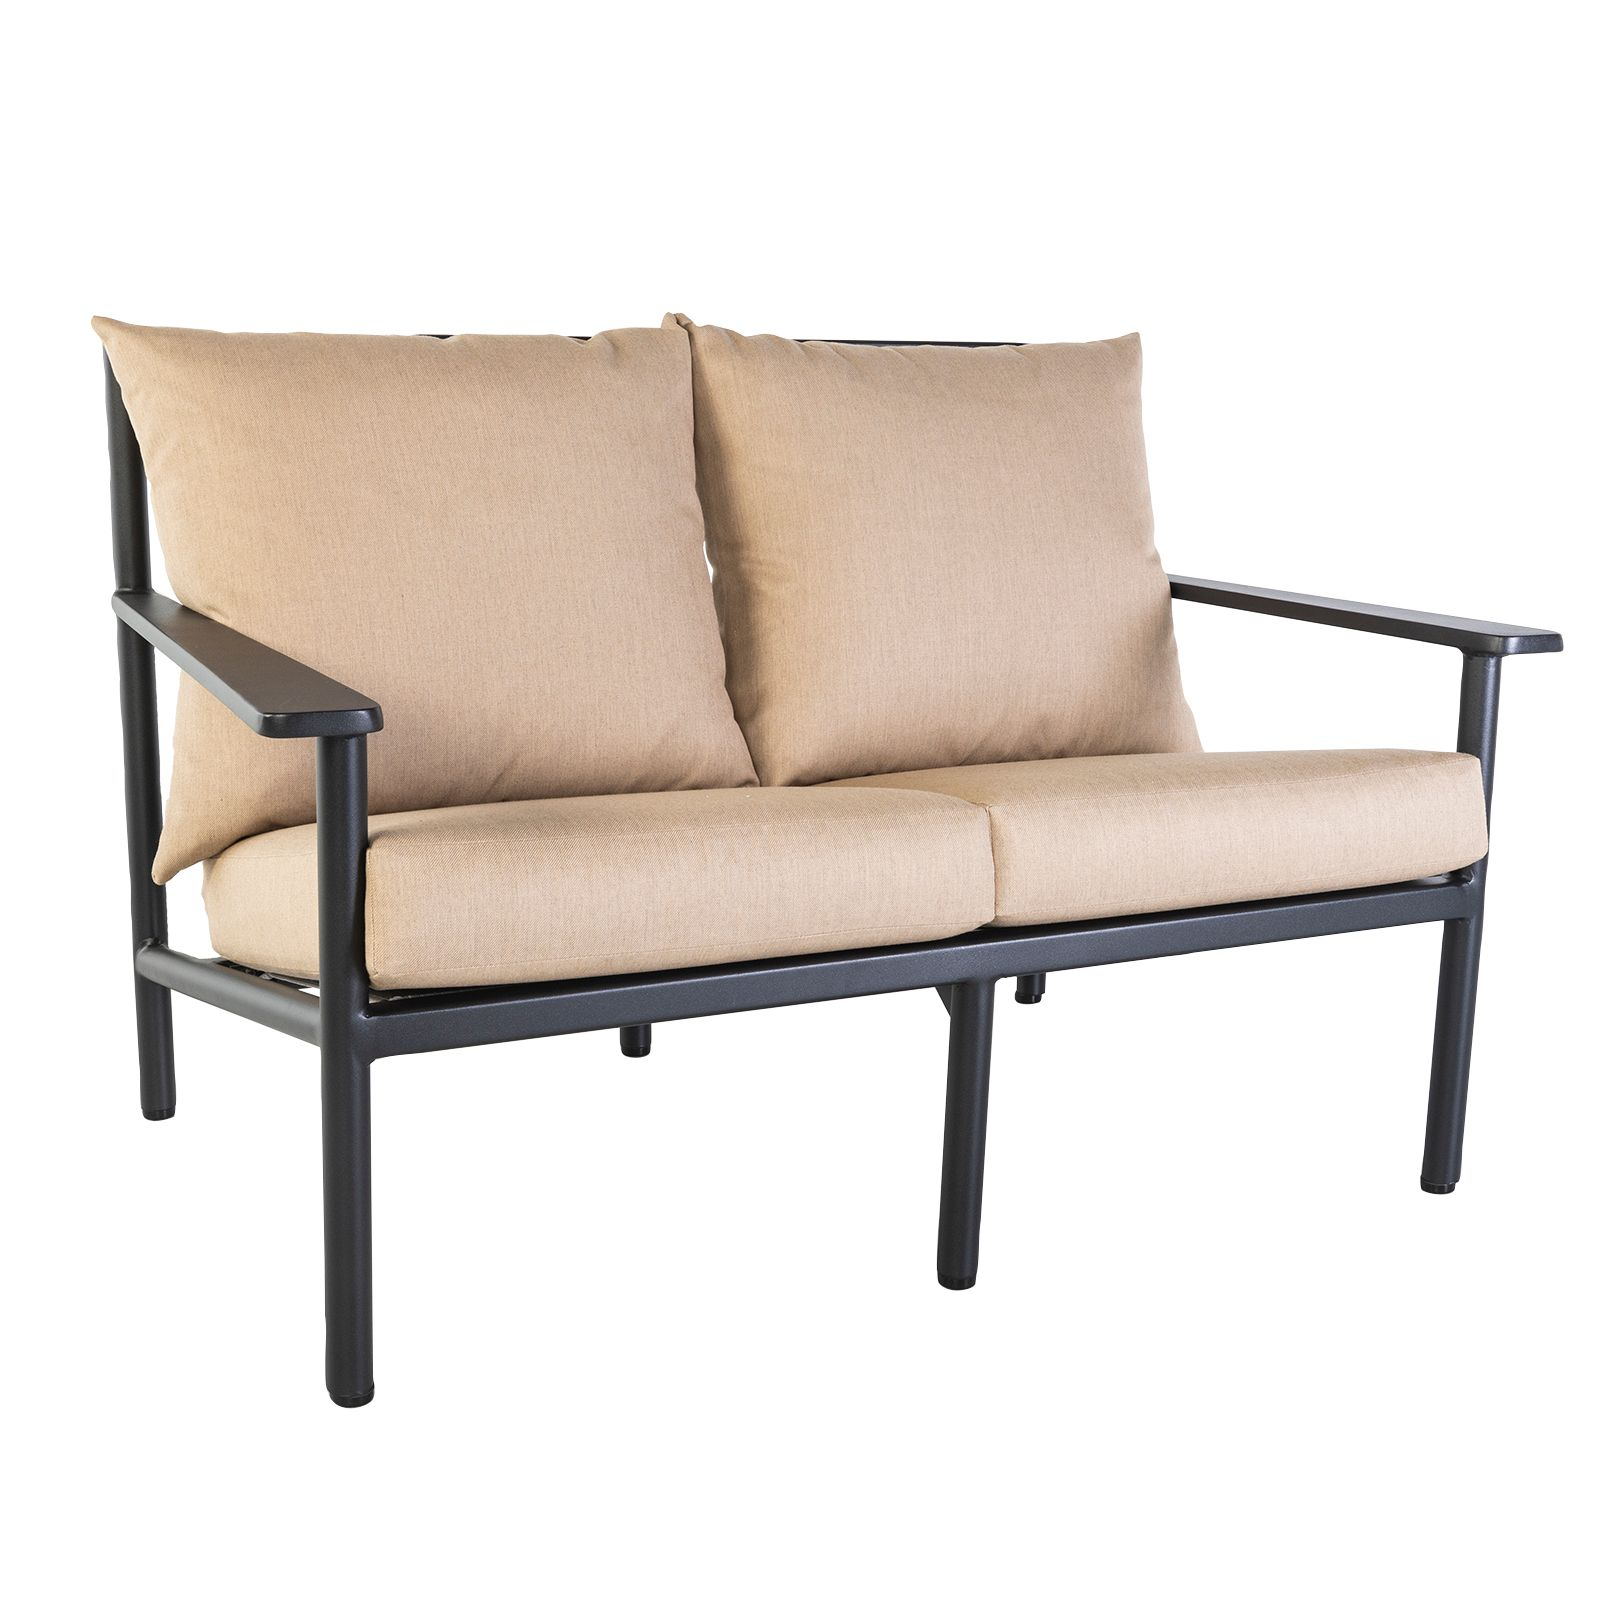 Cibolo Love Seat